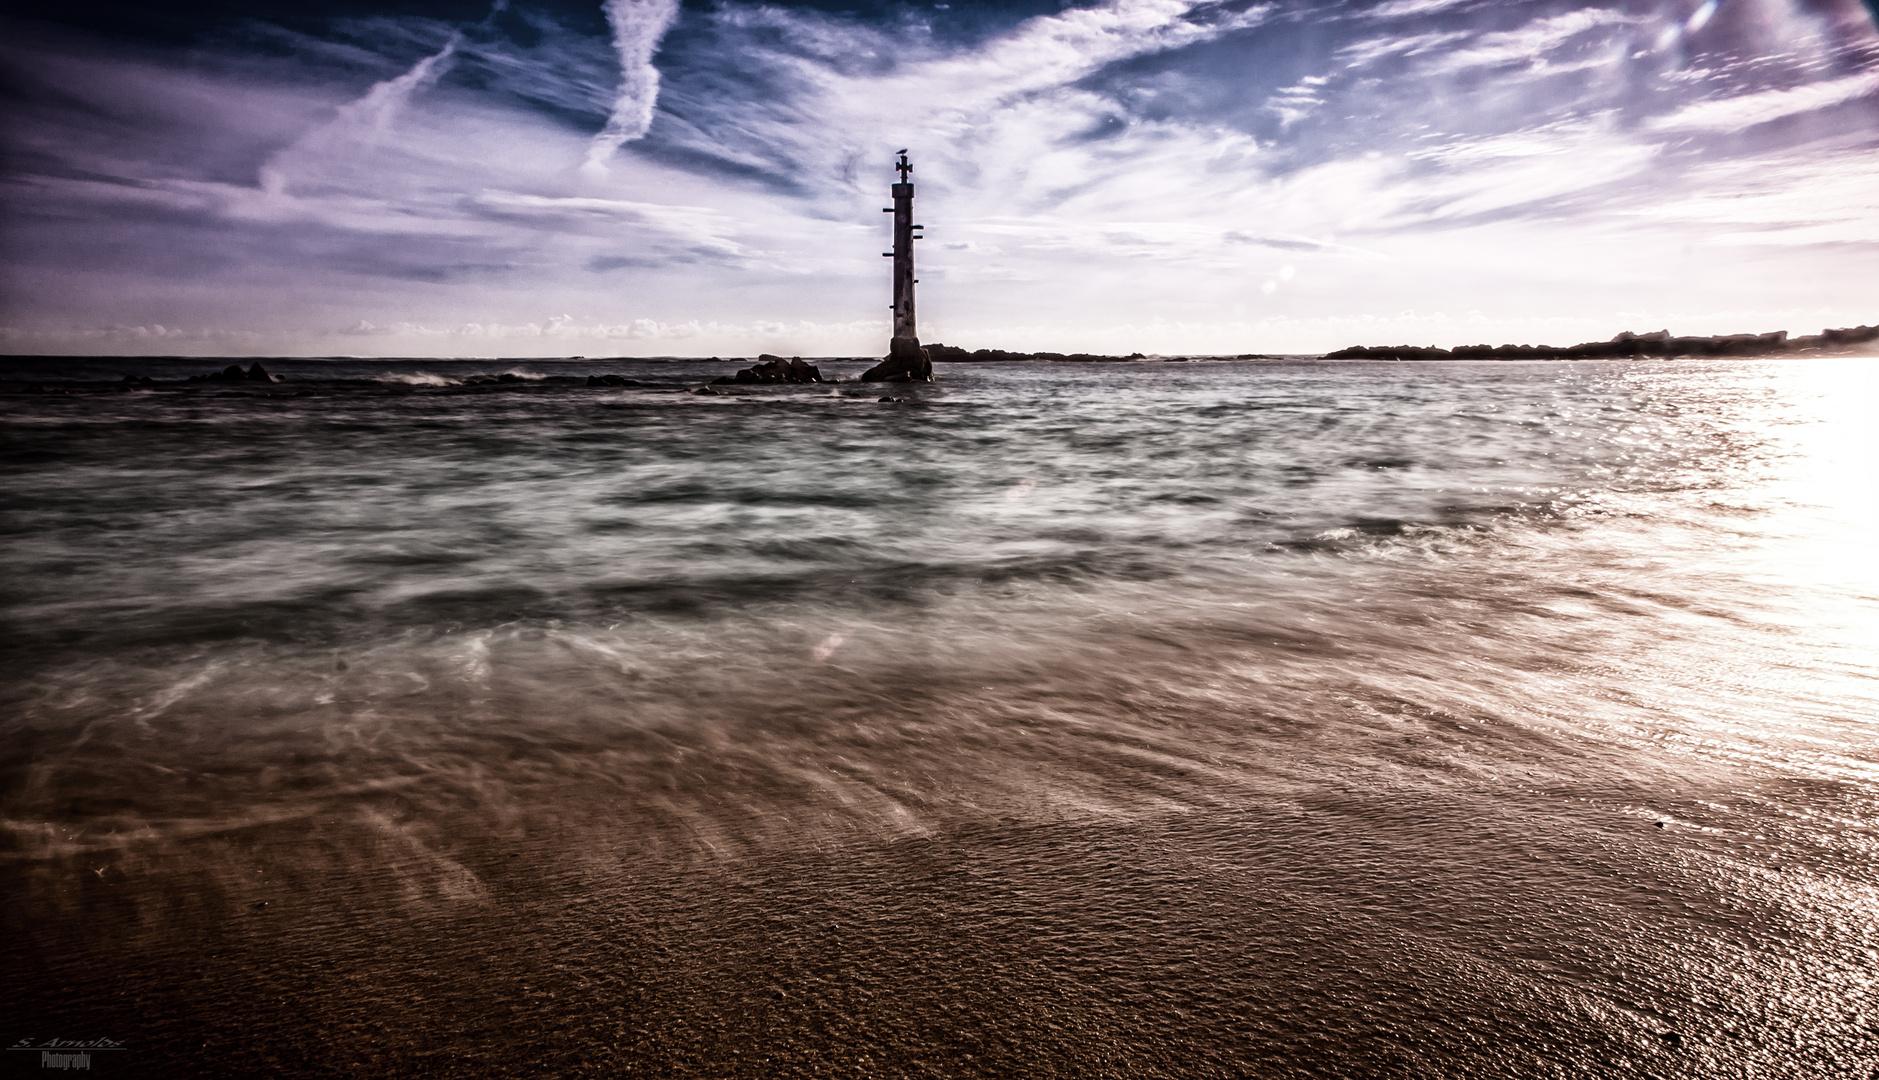 Meereskreuz